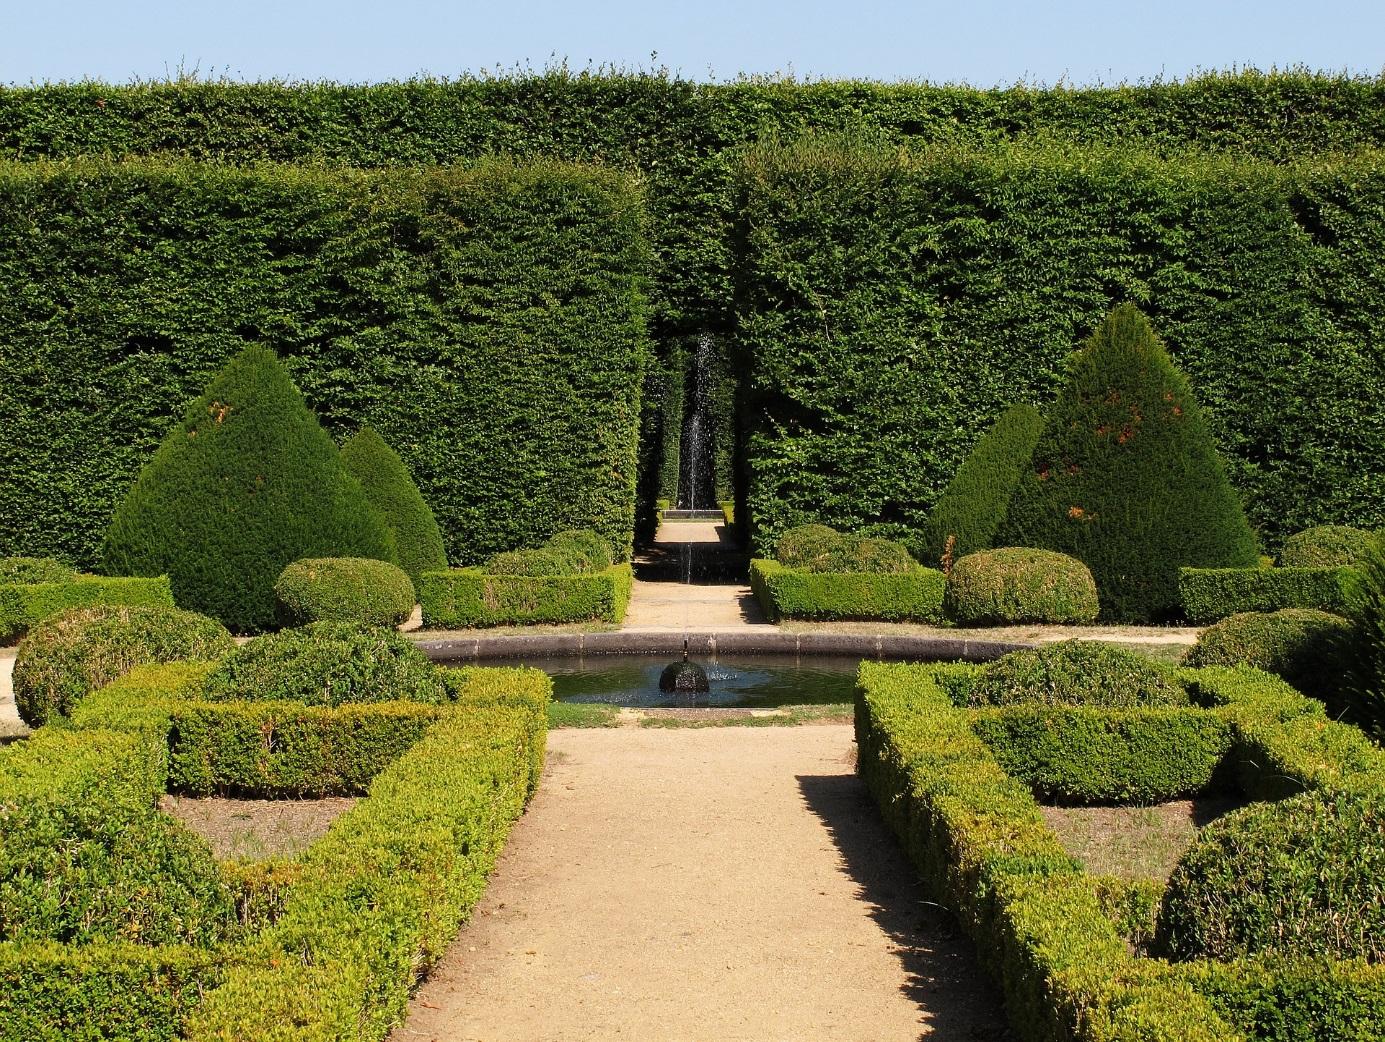 44 Façons De Se Cacher De Vos Voisins Au Jardin (Photos Et ... encequiconcerne Cacher Vis A Vis Jardin Pas Cher